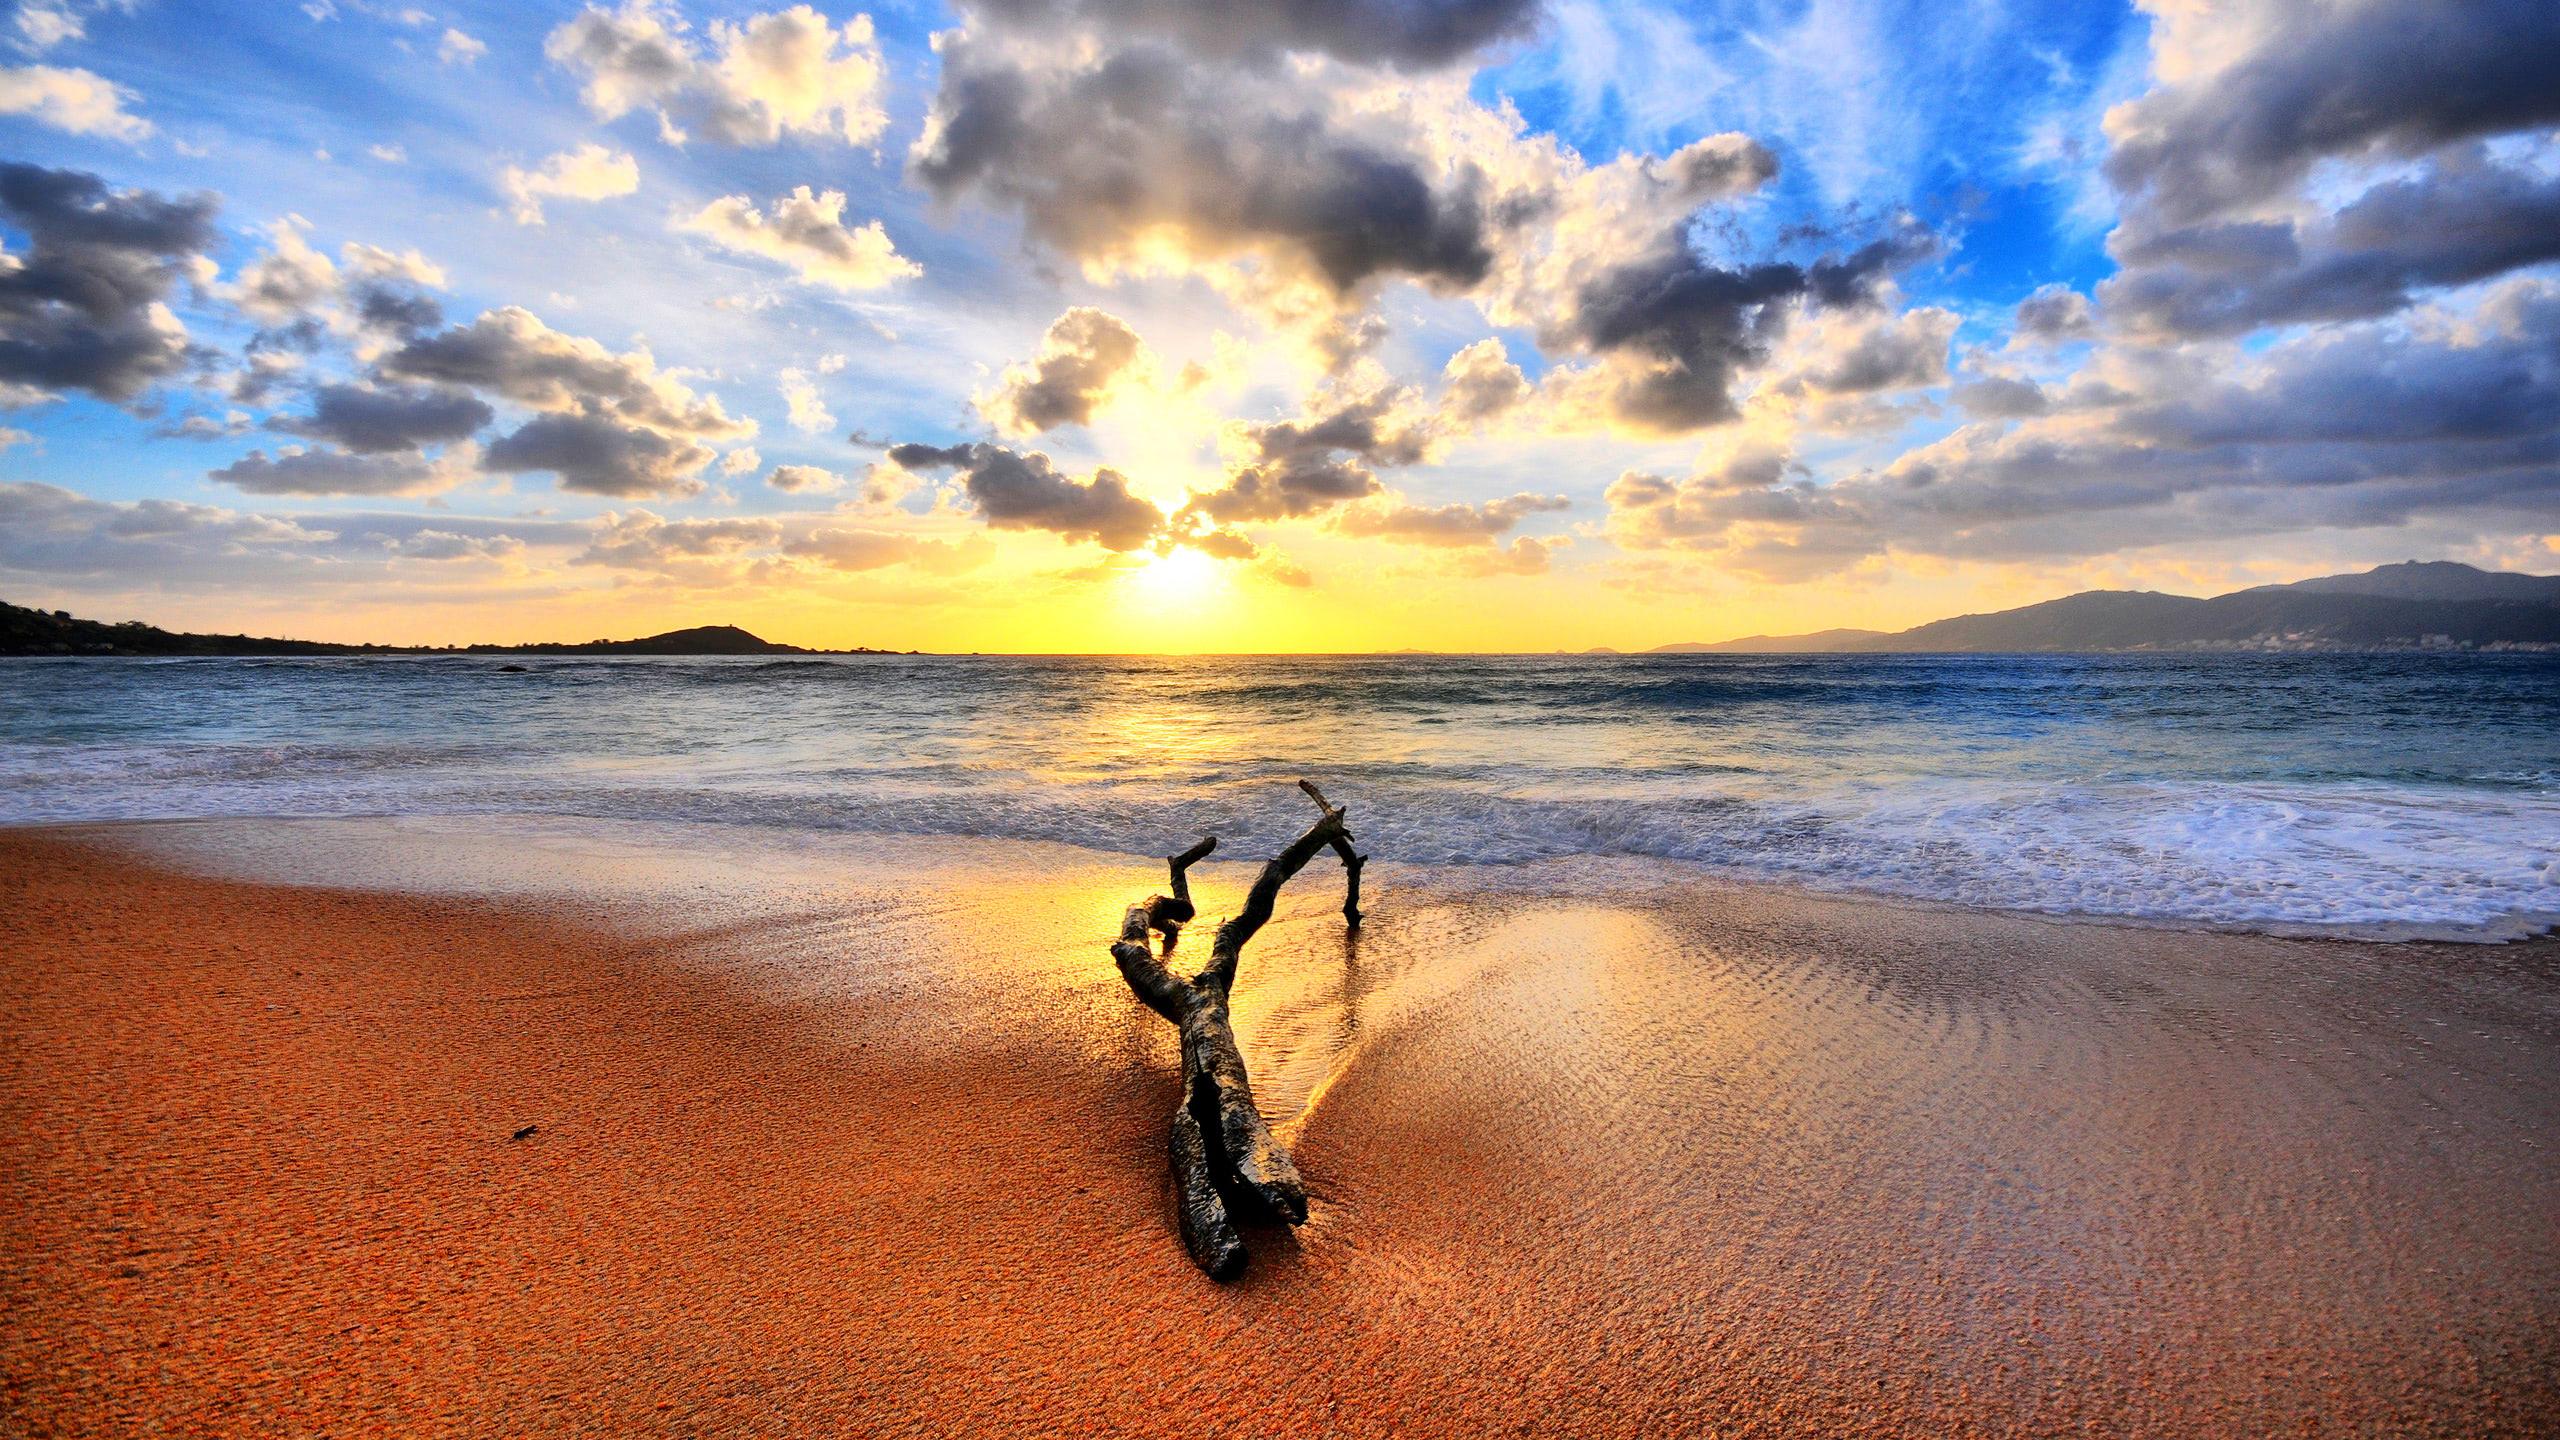 Sunset Drift Wood Beach Background Wallpapers Download 2560 1080 Wallpaper